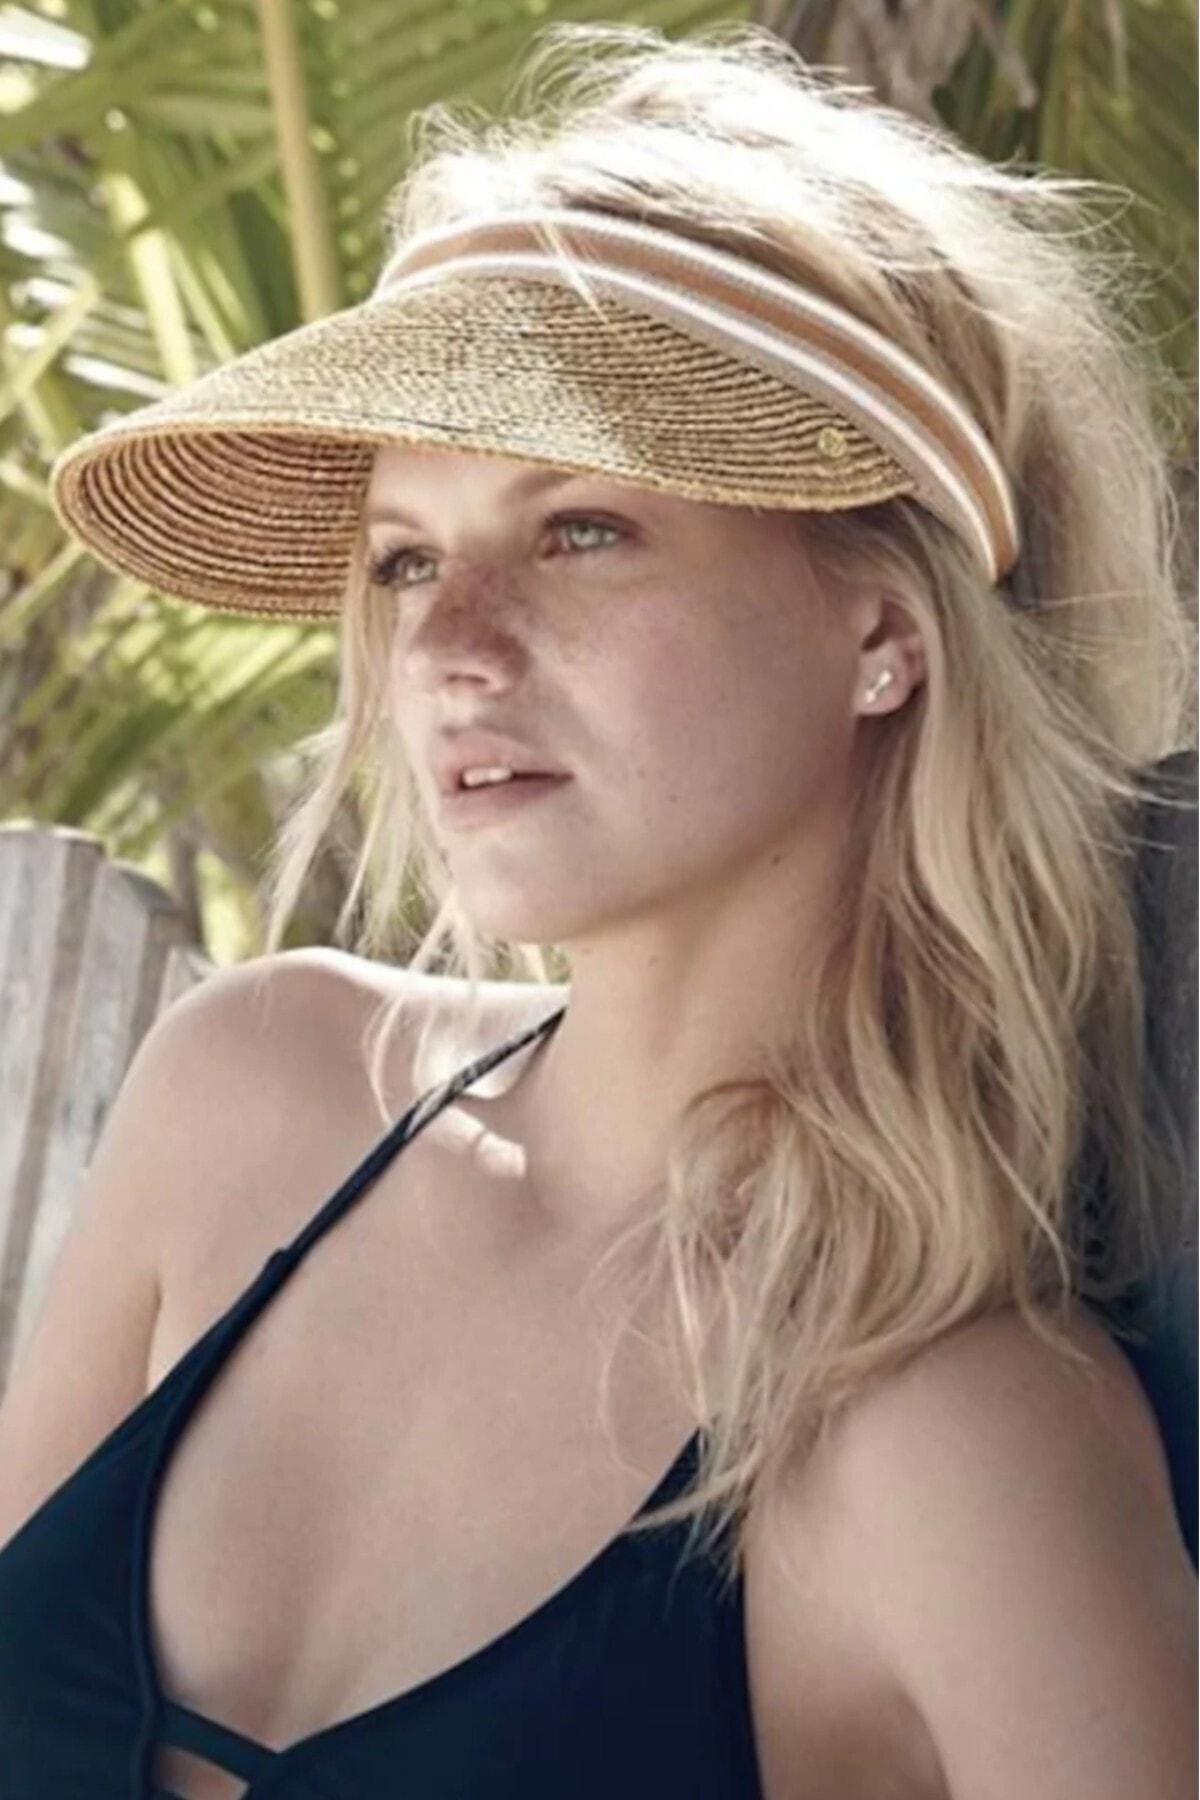 Ayarlanabilir Kadın Hasır Şapka Güneş Koruyucu Plaj Şapkası Vizör